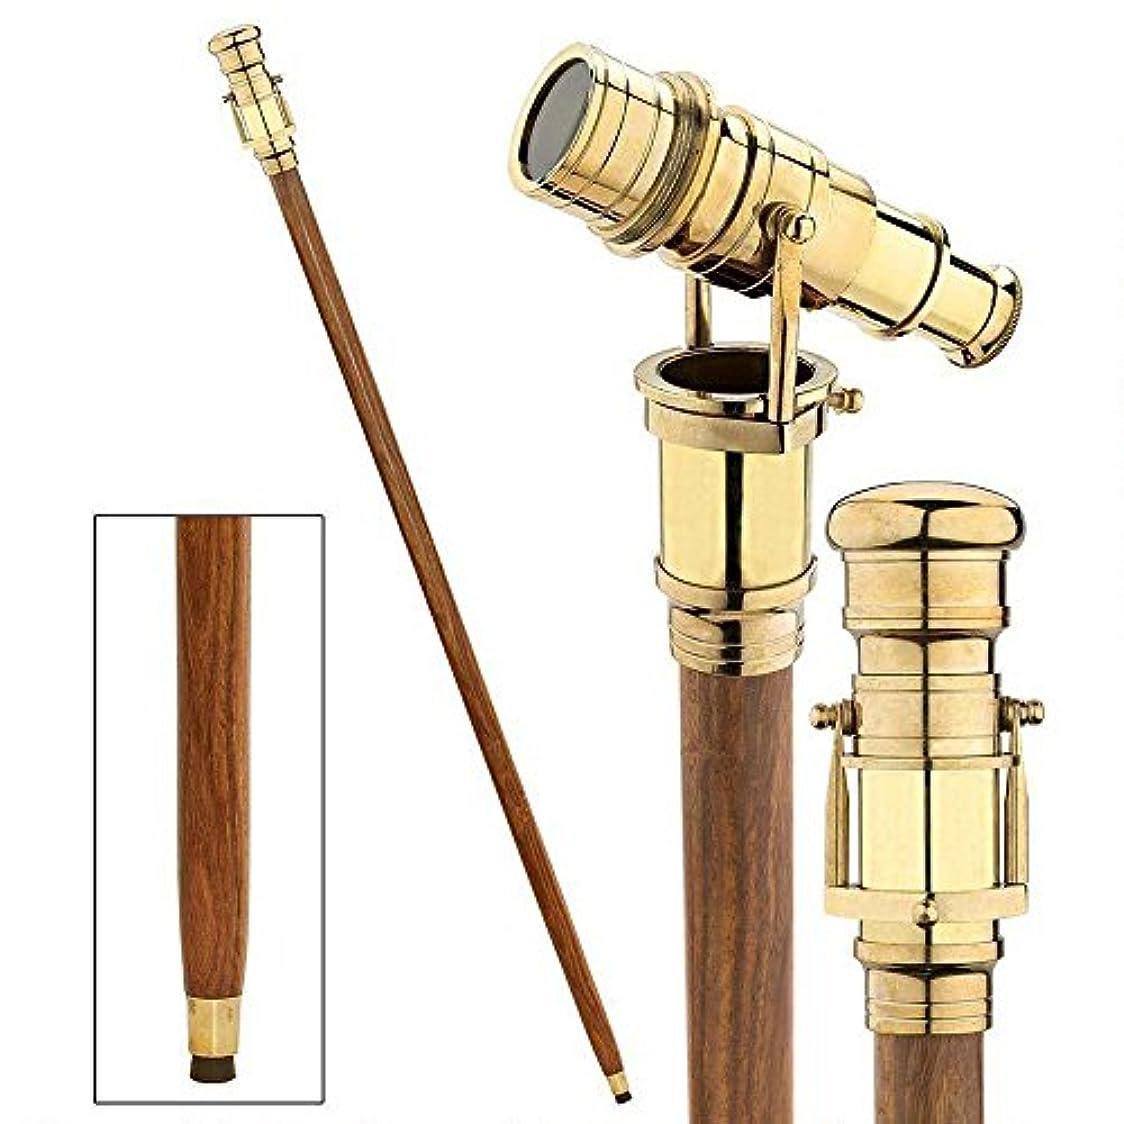 練るマウントバンク戦闘ヴィンテージ真鍮ハンドルVictorian望遠鏡ヘッド折りたたみ式木製Walking Stick Cane (真鍮仕上げ) D